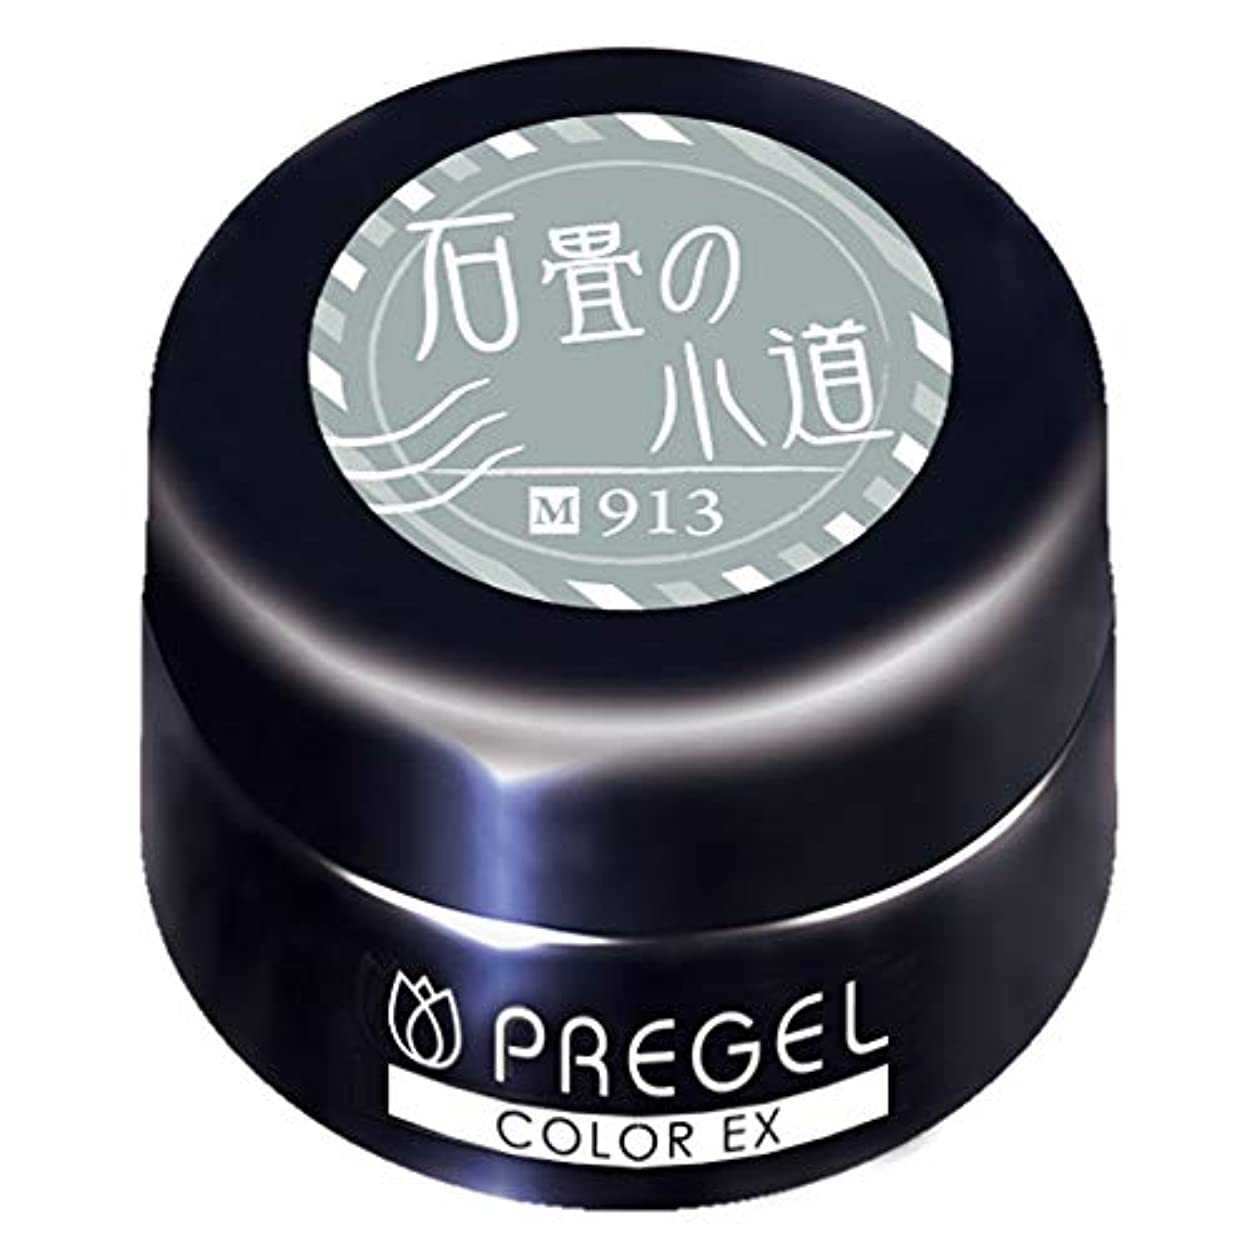 ダイジェスト影響力のある遷移PRE GEL カラーEX 石畳の小道913 3g PG-CE913 UV/LED対応